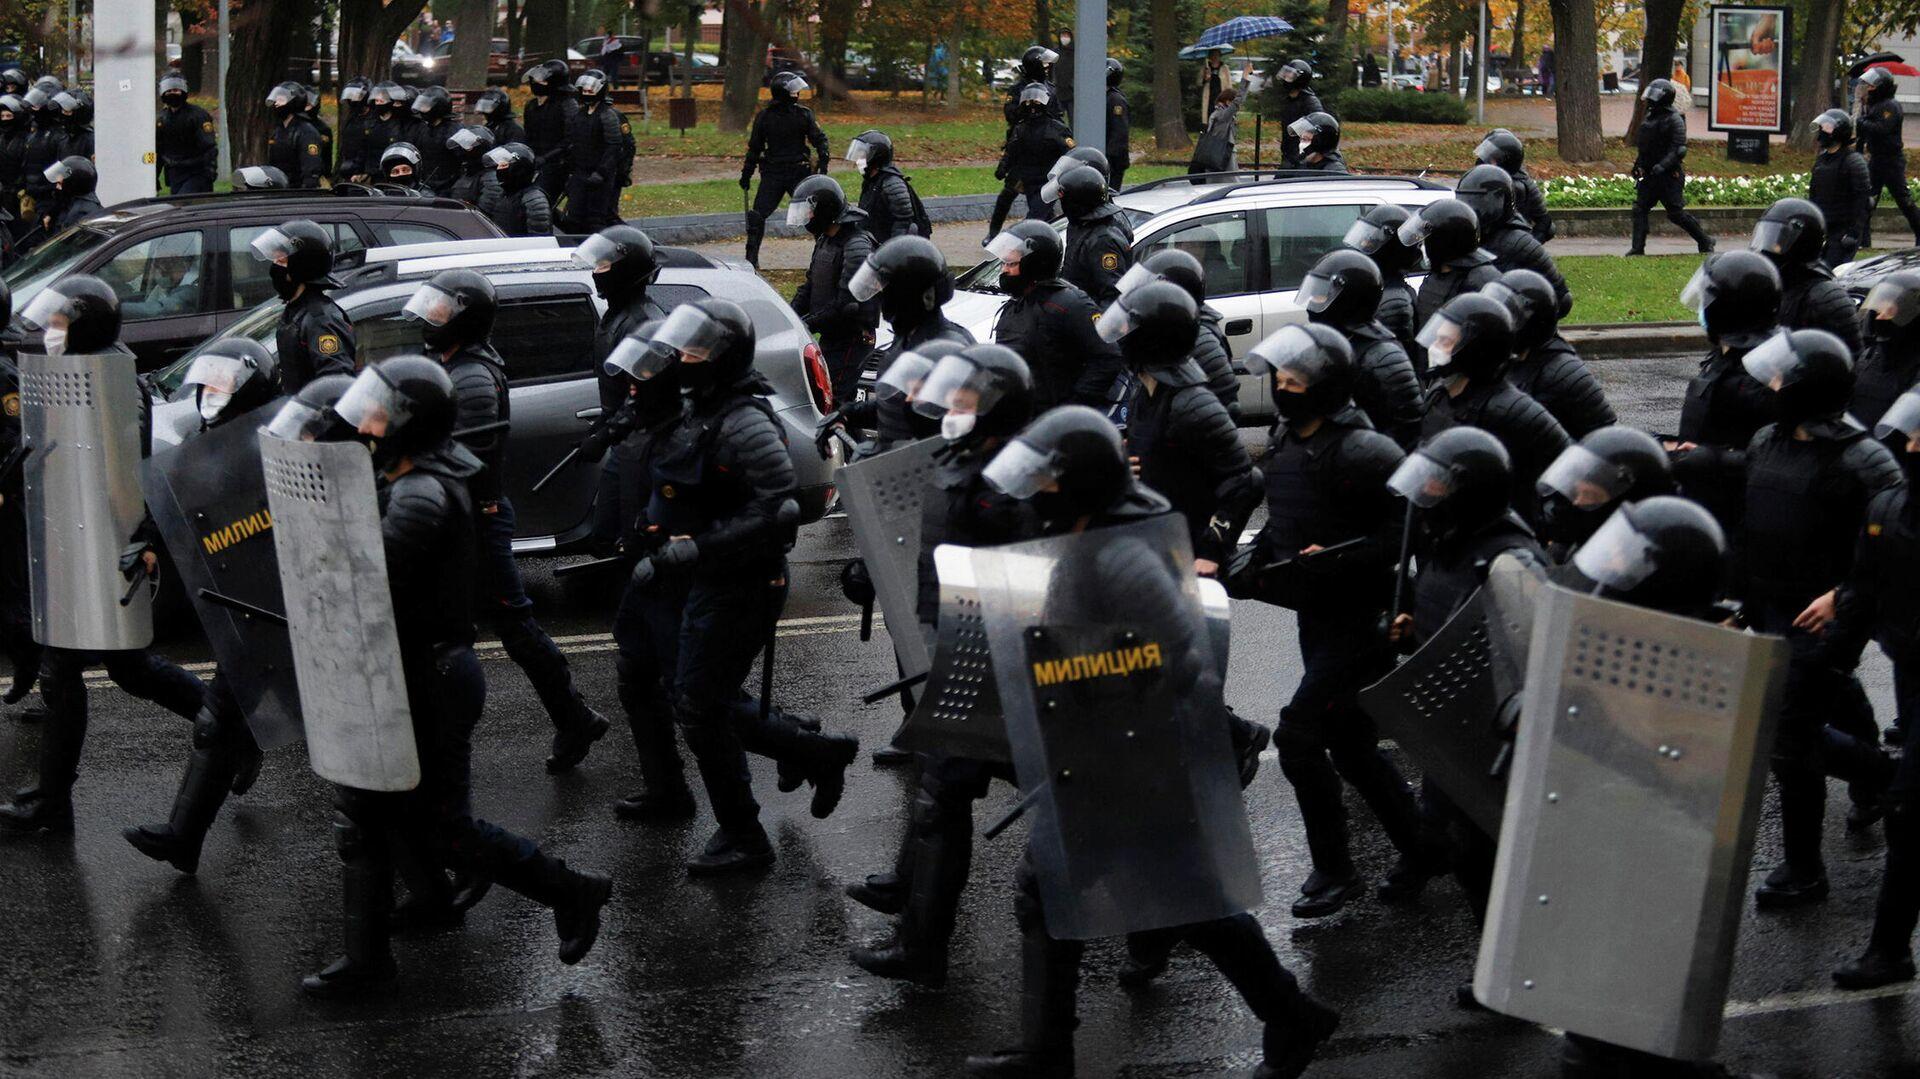 Сотрудники правоохранительных органов во время митинга оппозиции в Минске. 11 октября 2020 - РИА Новости, 1920, 11.10.2020